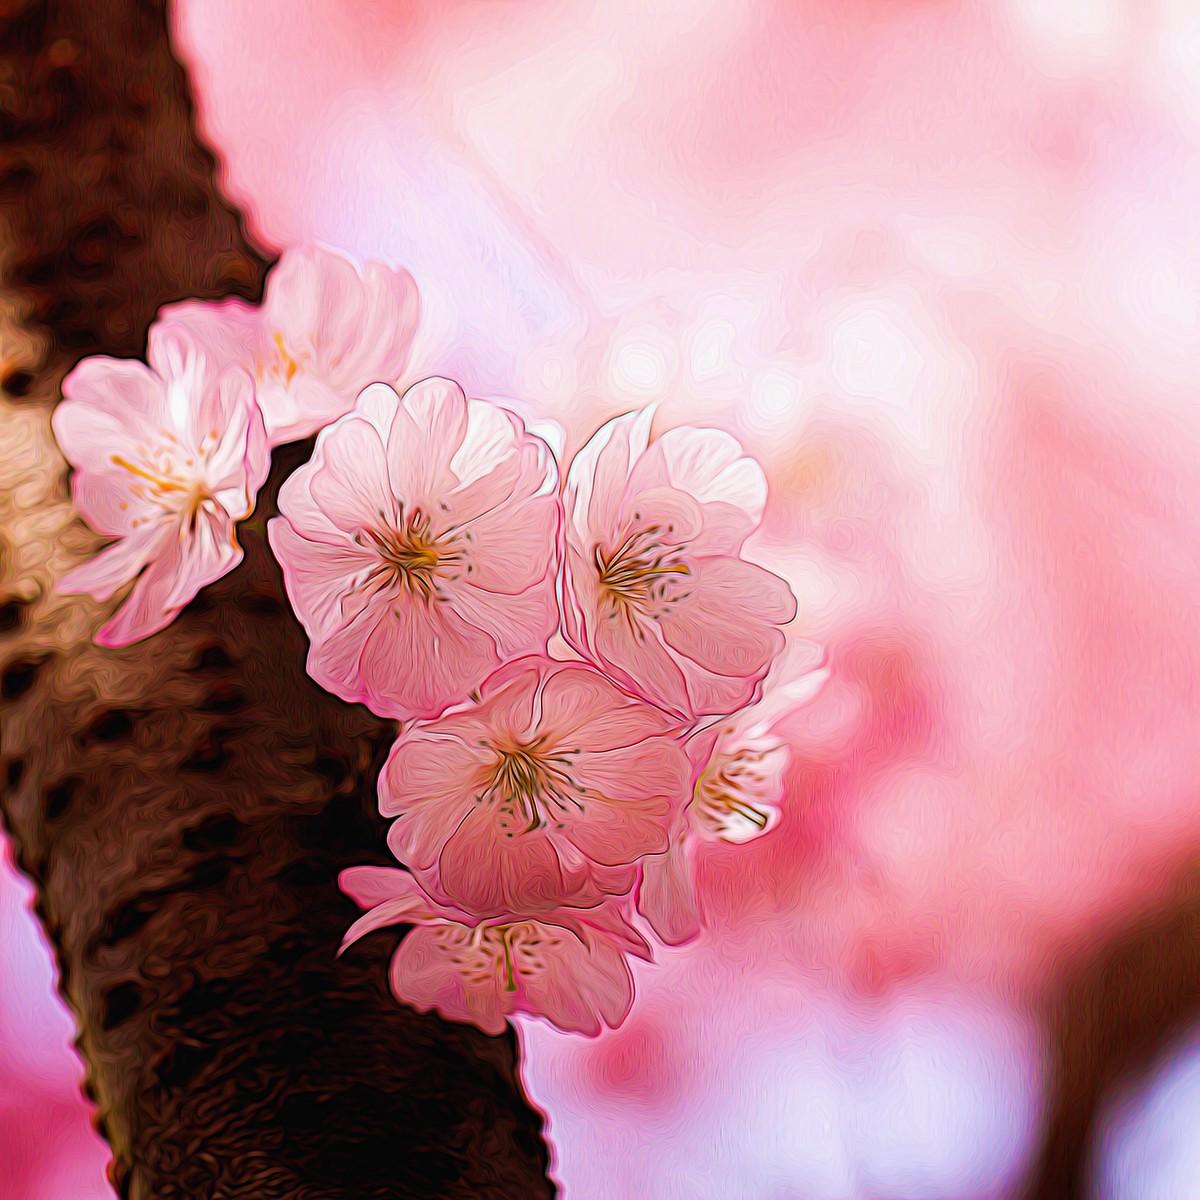 迎候春天_图1-1